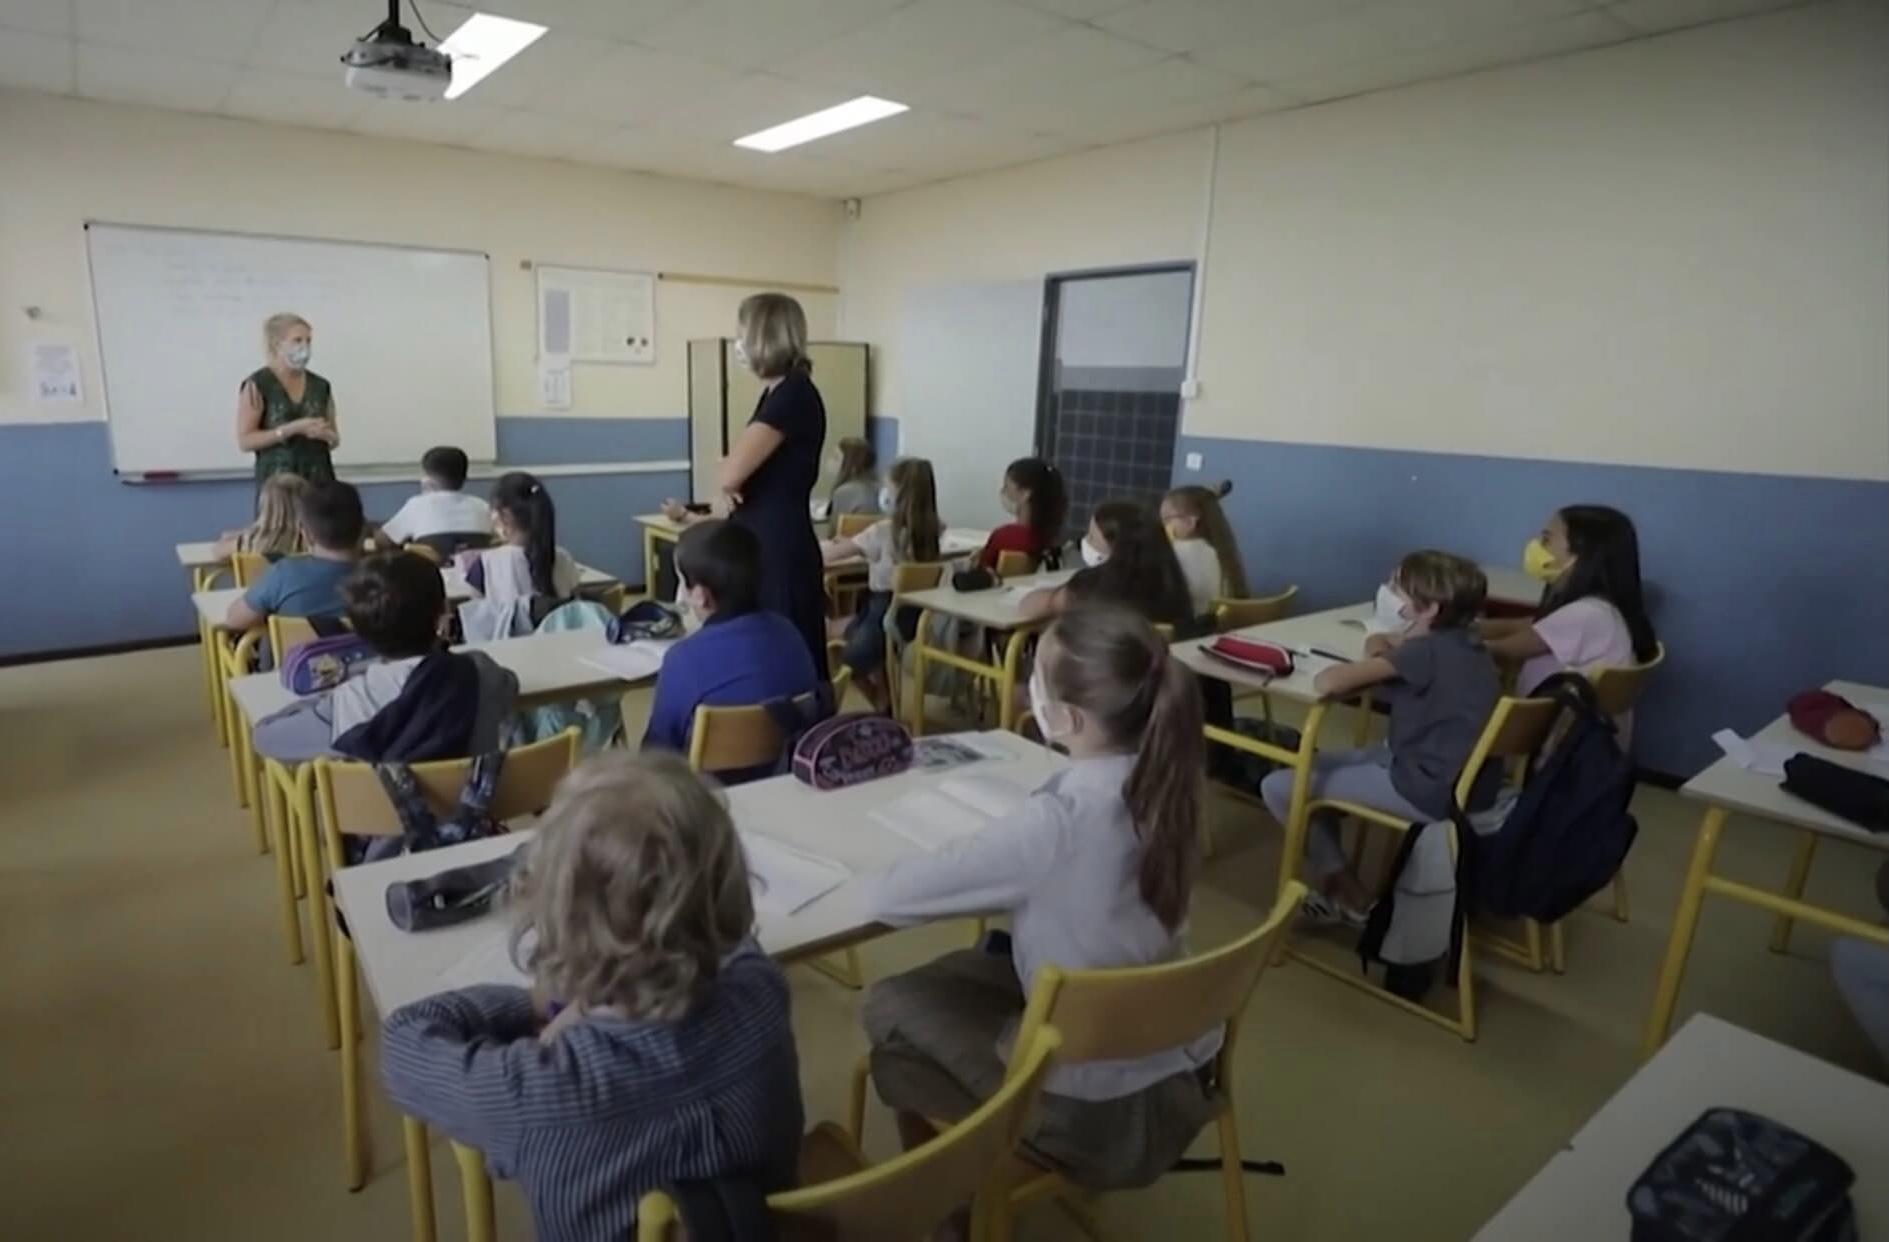 パリ最新情報「テロとコロナの板挟みの中、明日から学校再開のフランス」